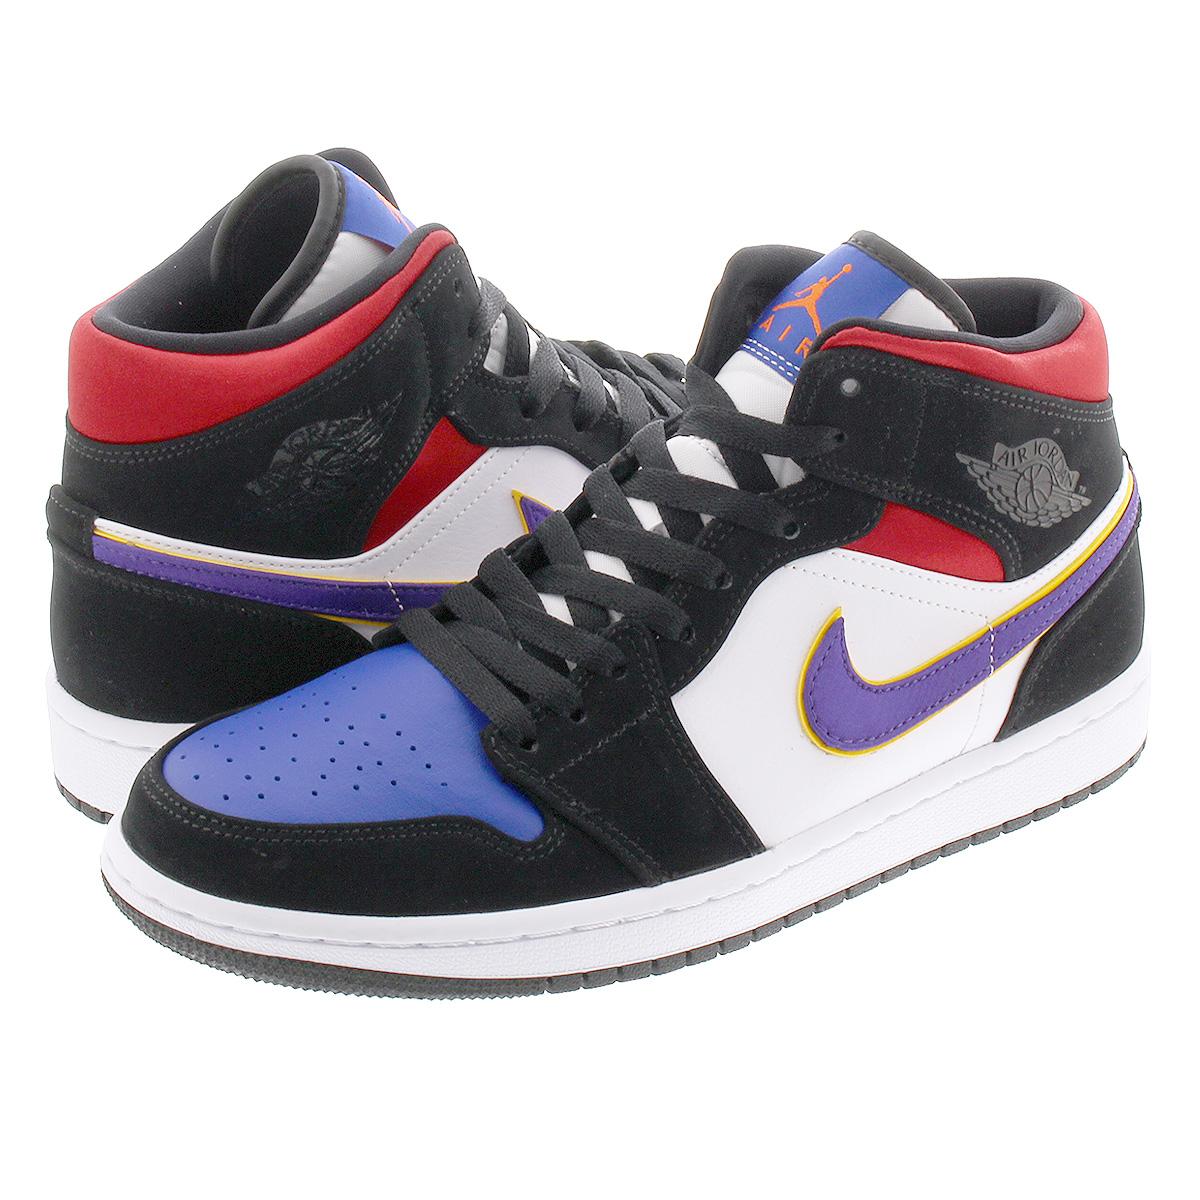 SELECT SHOP LOWTEX: NIKE AIR JORDAN 1 MID SE Nike Air Jordan 1 mid